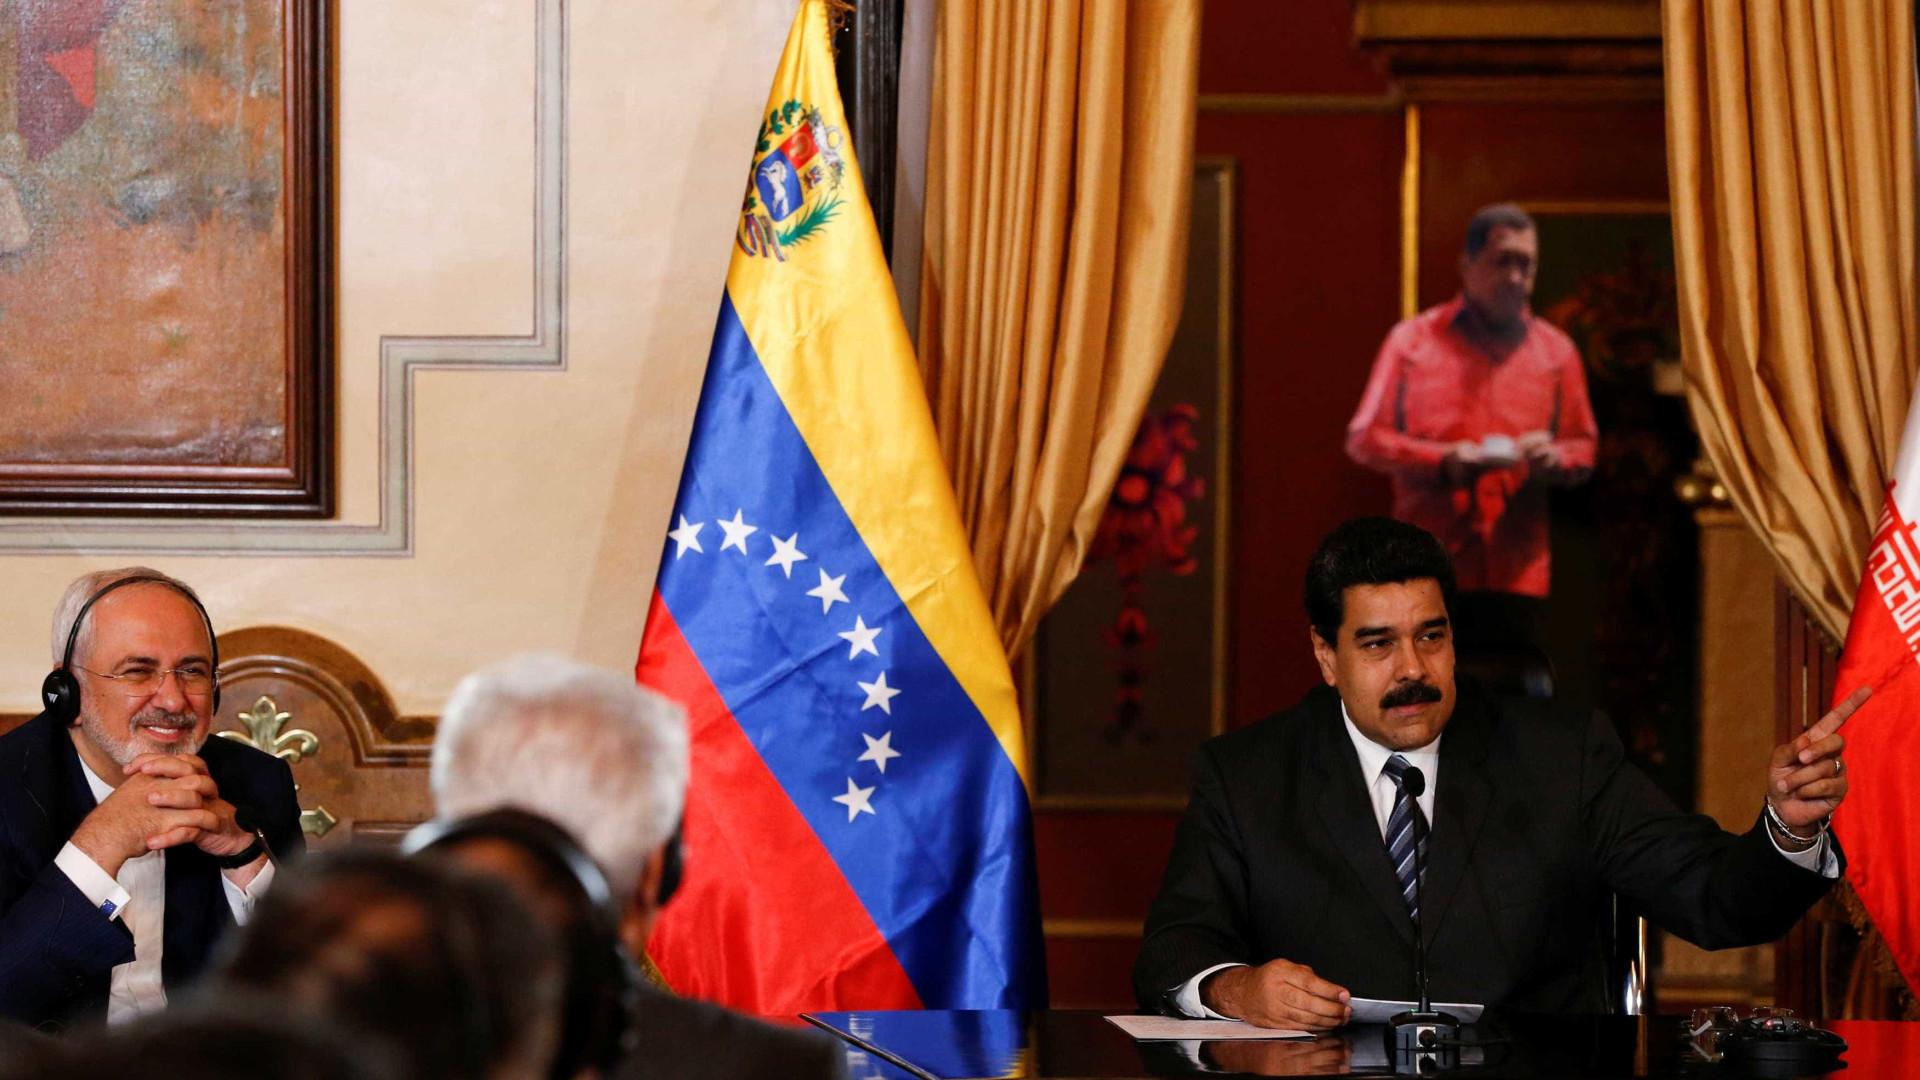 Venezuela condena campanha que compara Chávez com Trump